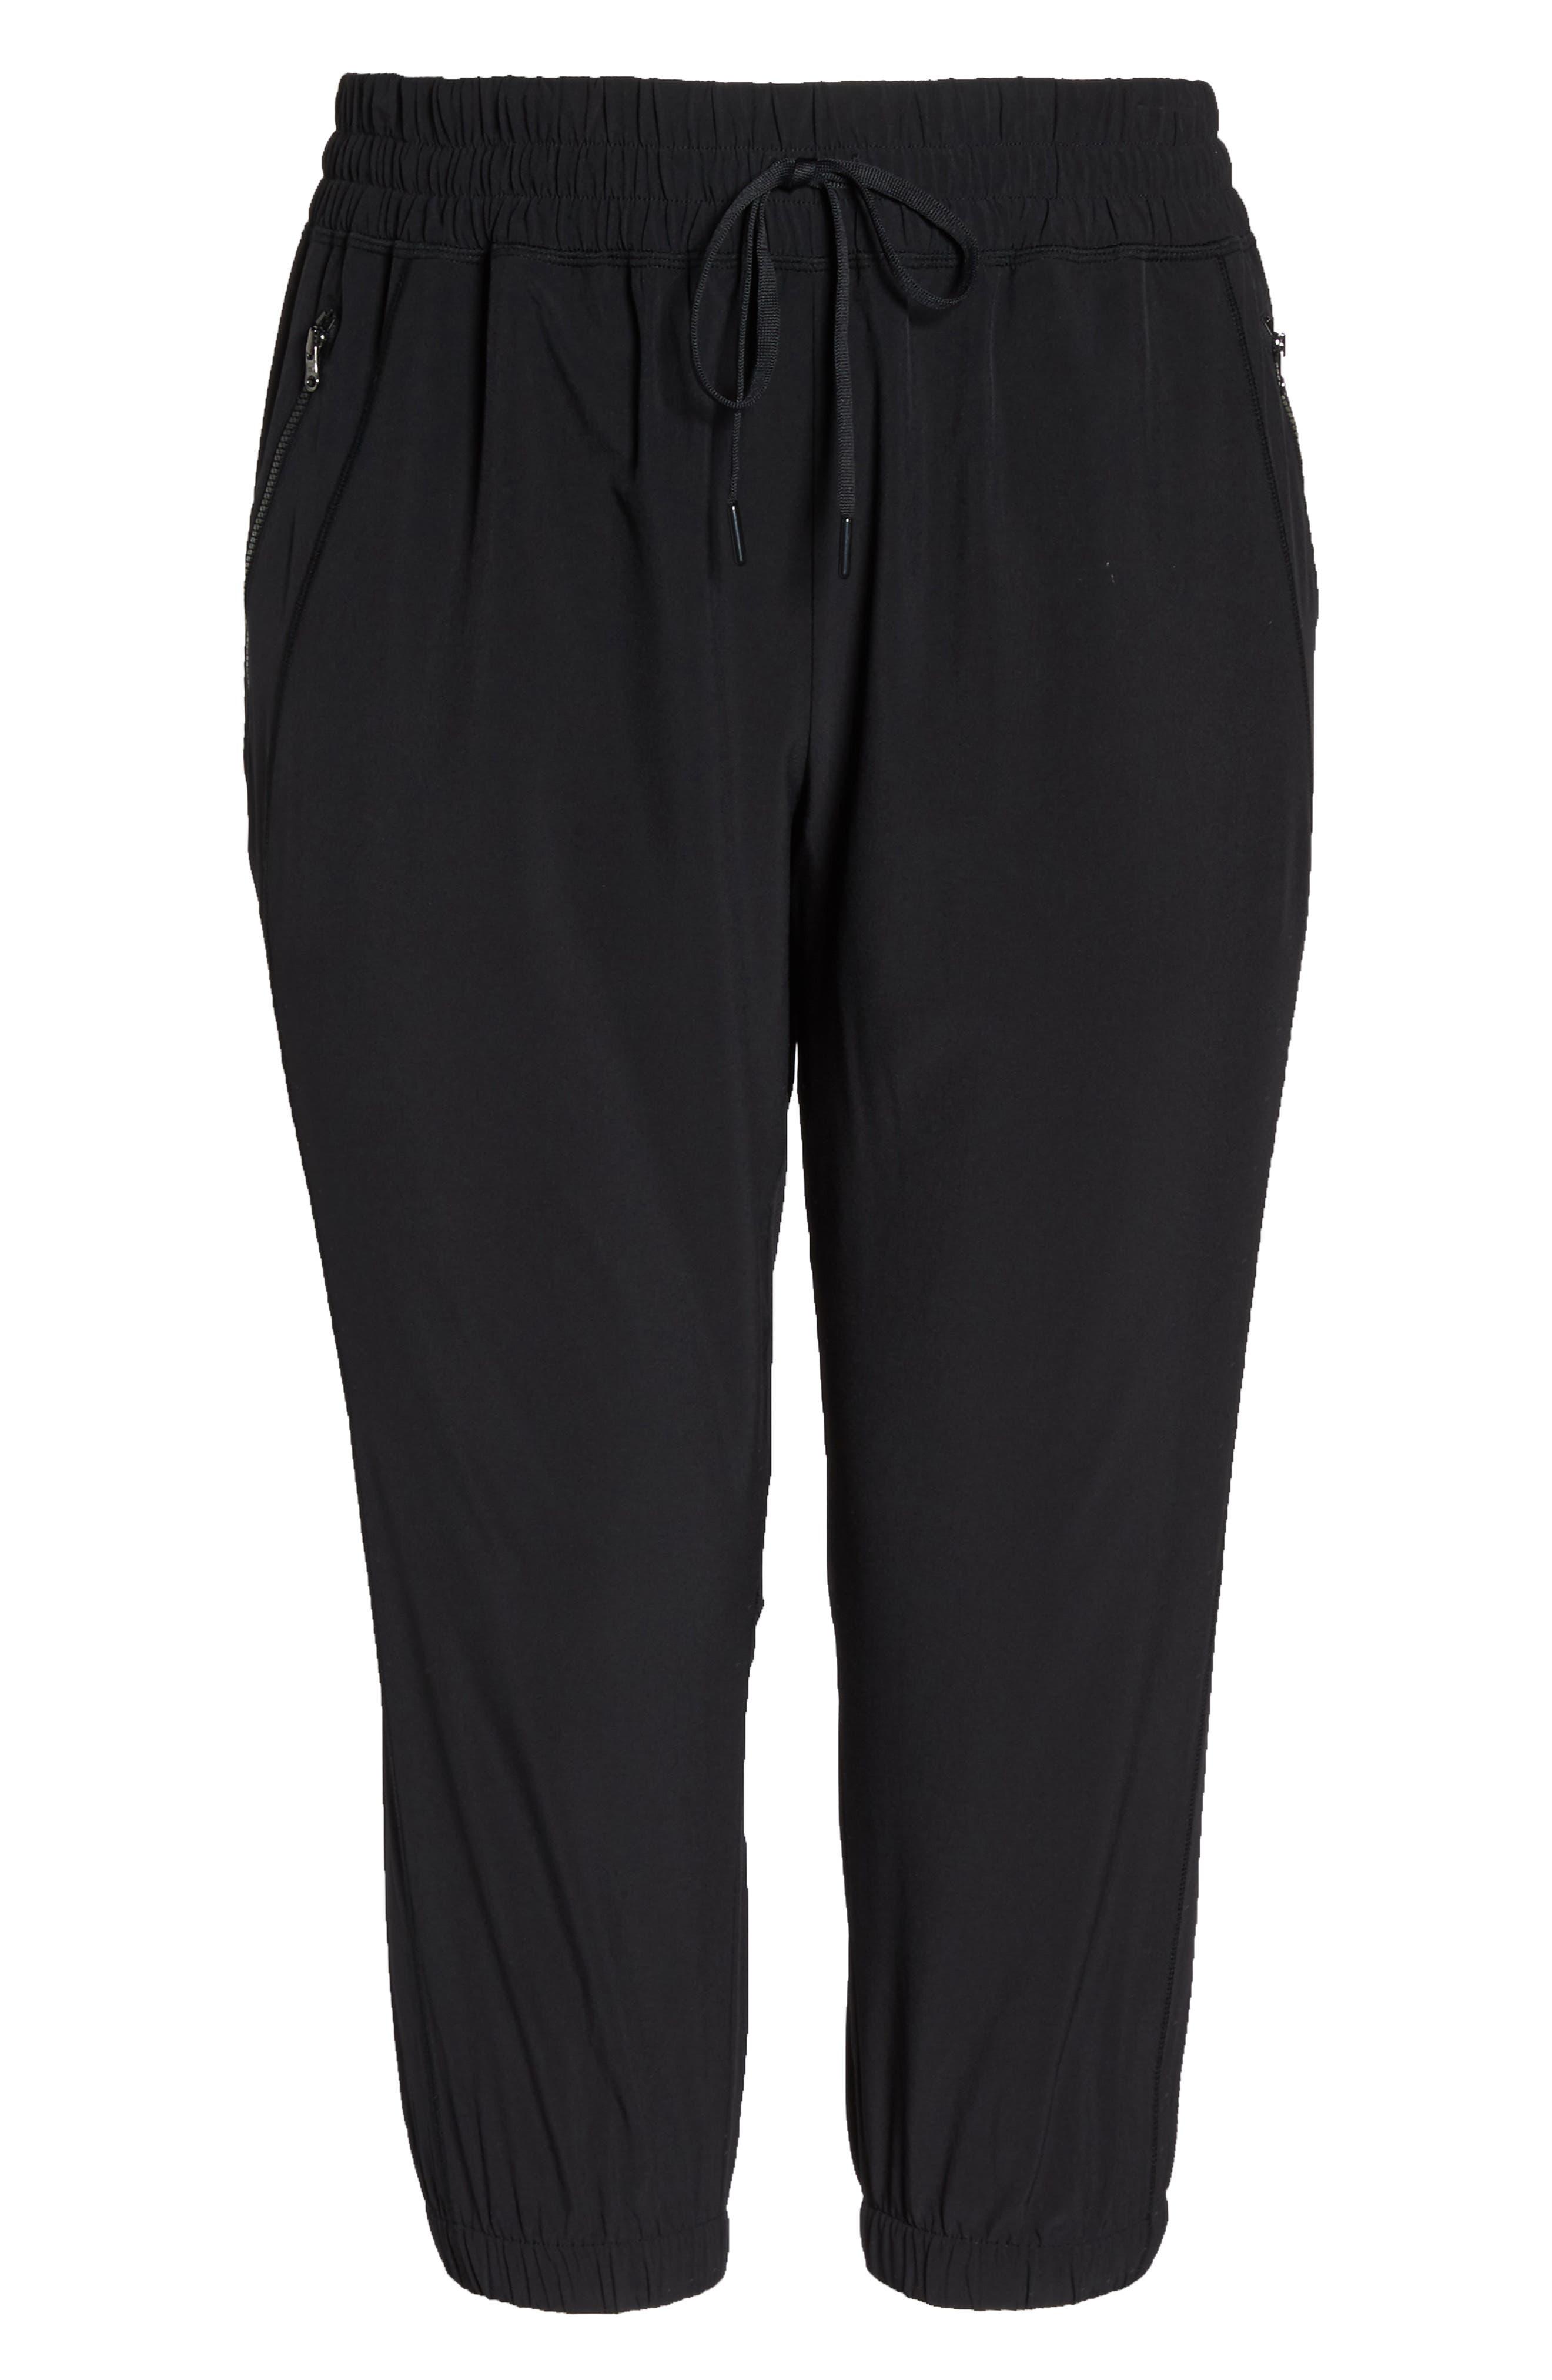 Out & About 2 Crop Pants,                             Alternate thumbnail 6, color,                             Black